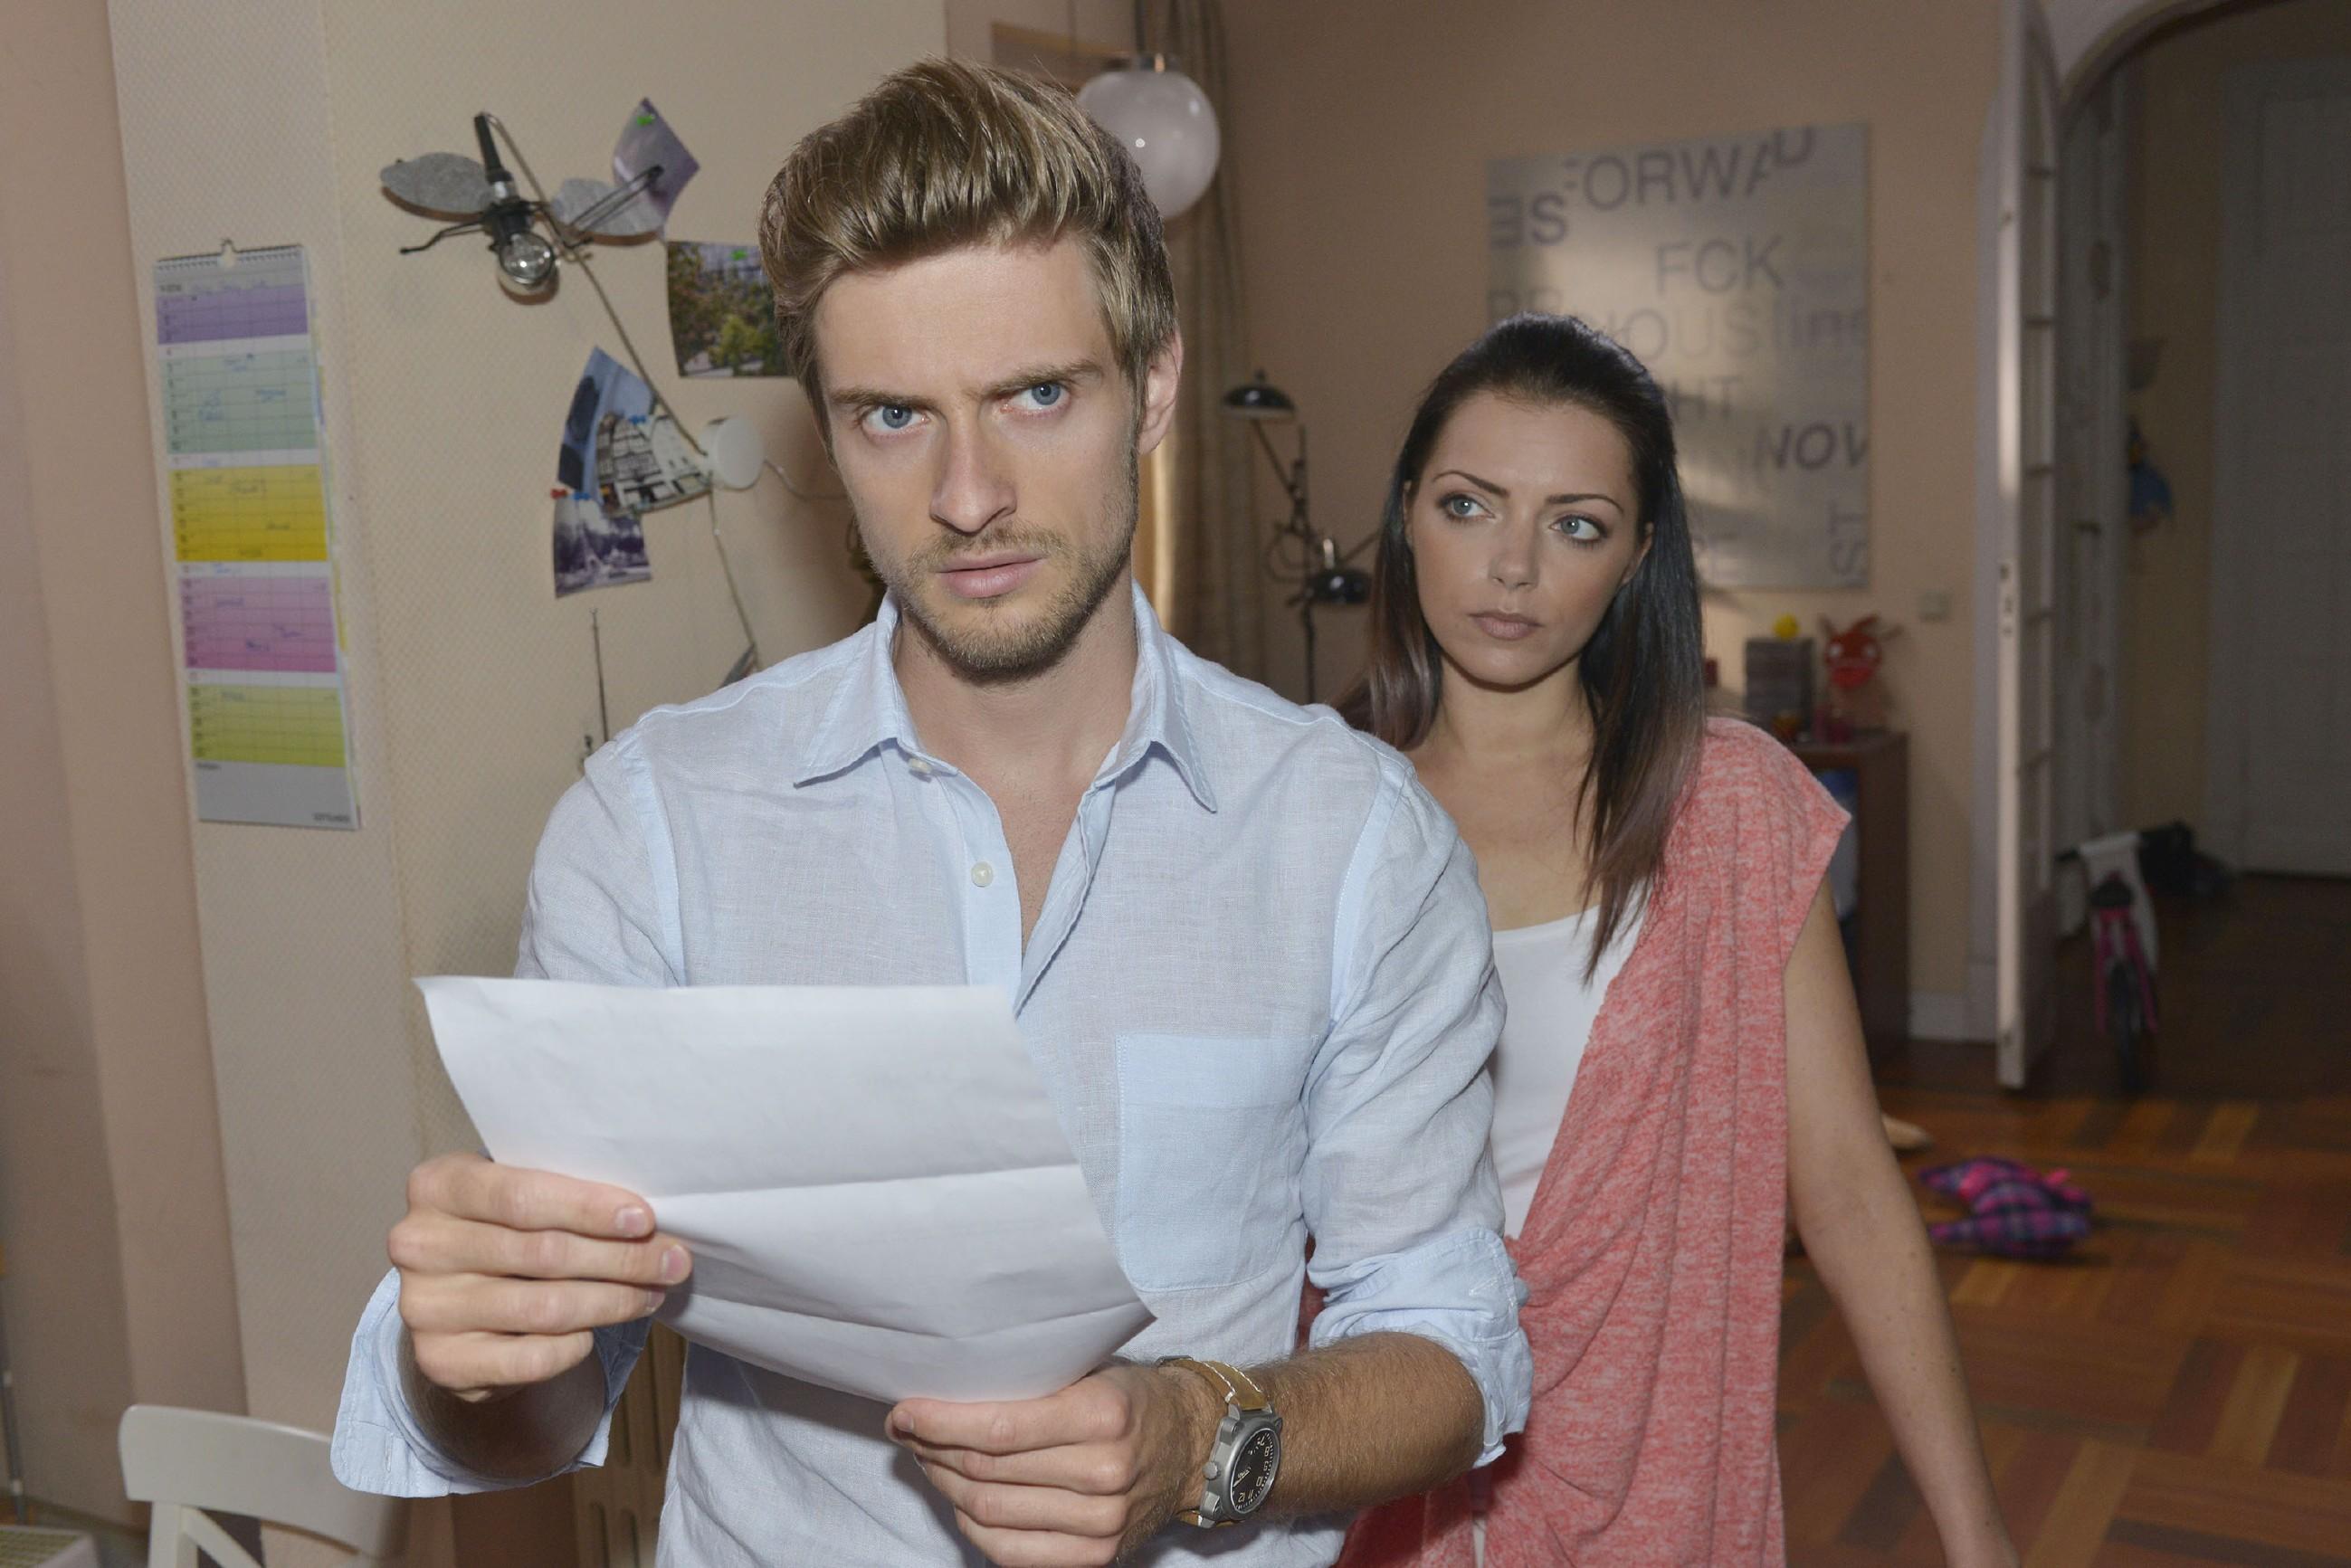 Philip (Jörn Schlönvoigt) und Emily (Anne Menden) sind entsetzt: Jemand hat Philips Identität geklaut und ist in seinem Namen alkoholisiert Auto gefahren...